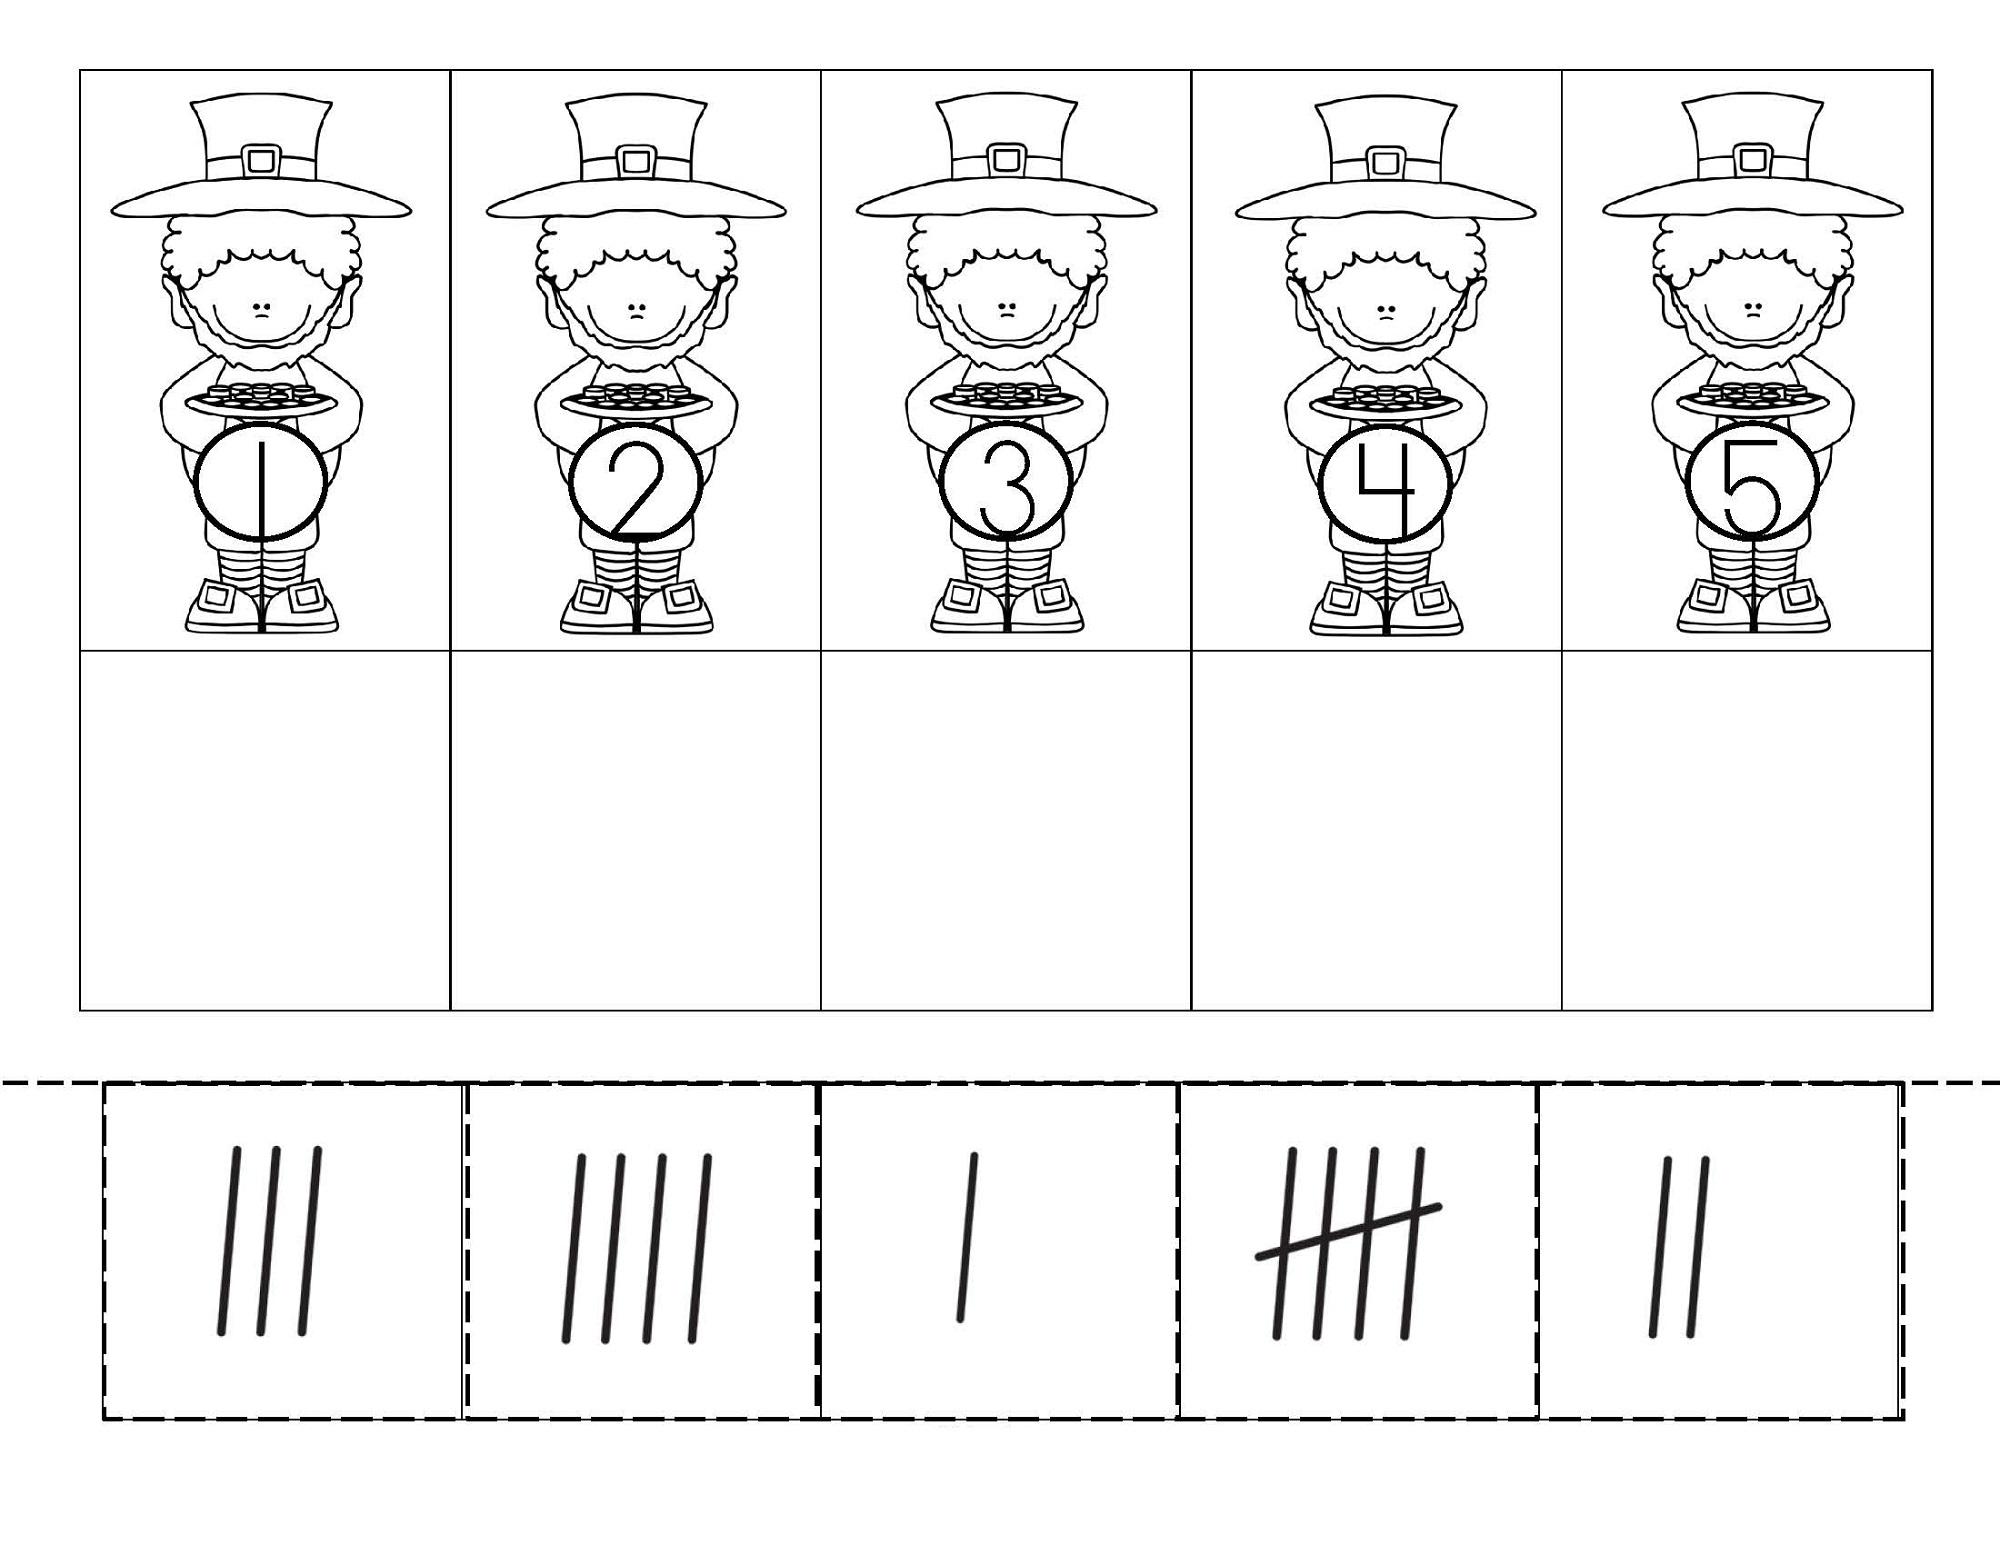 tally mark worksheet easy